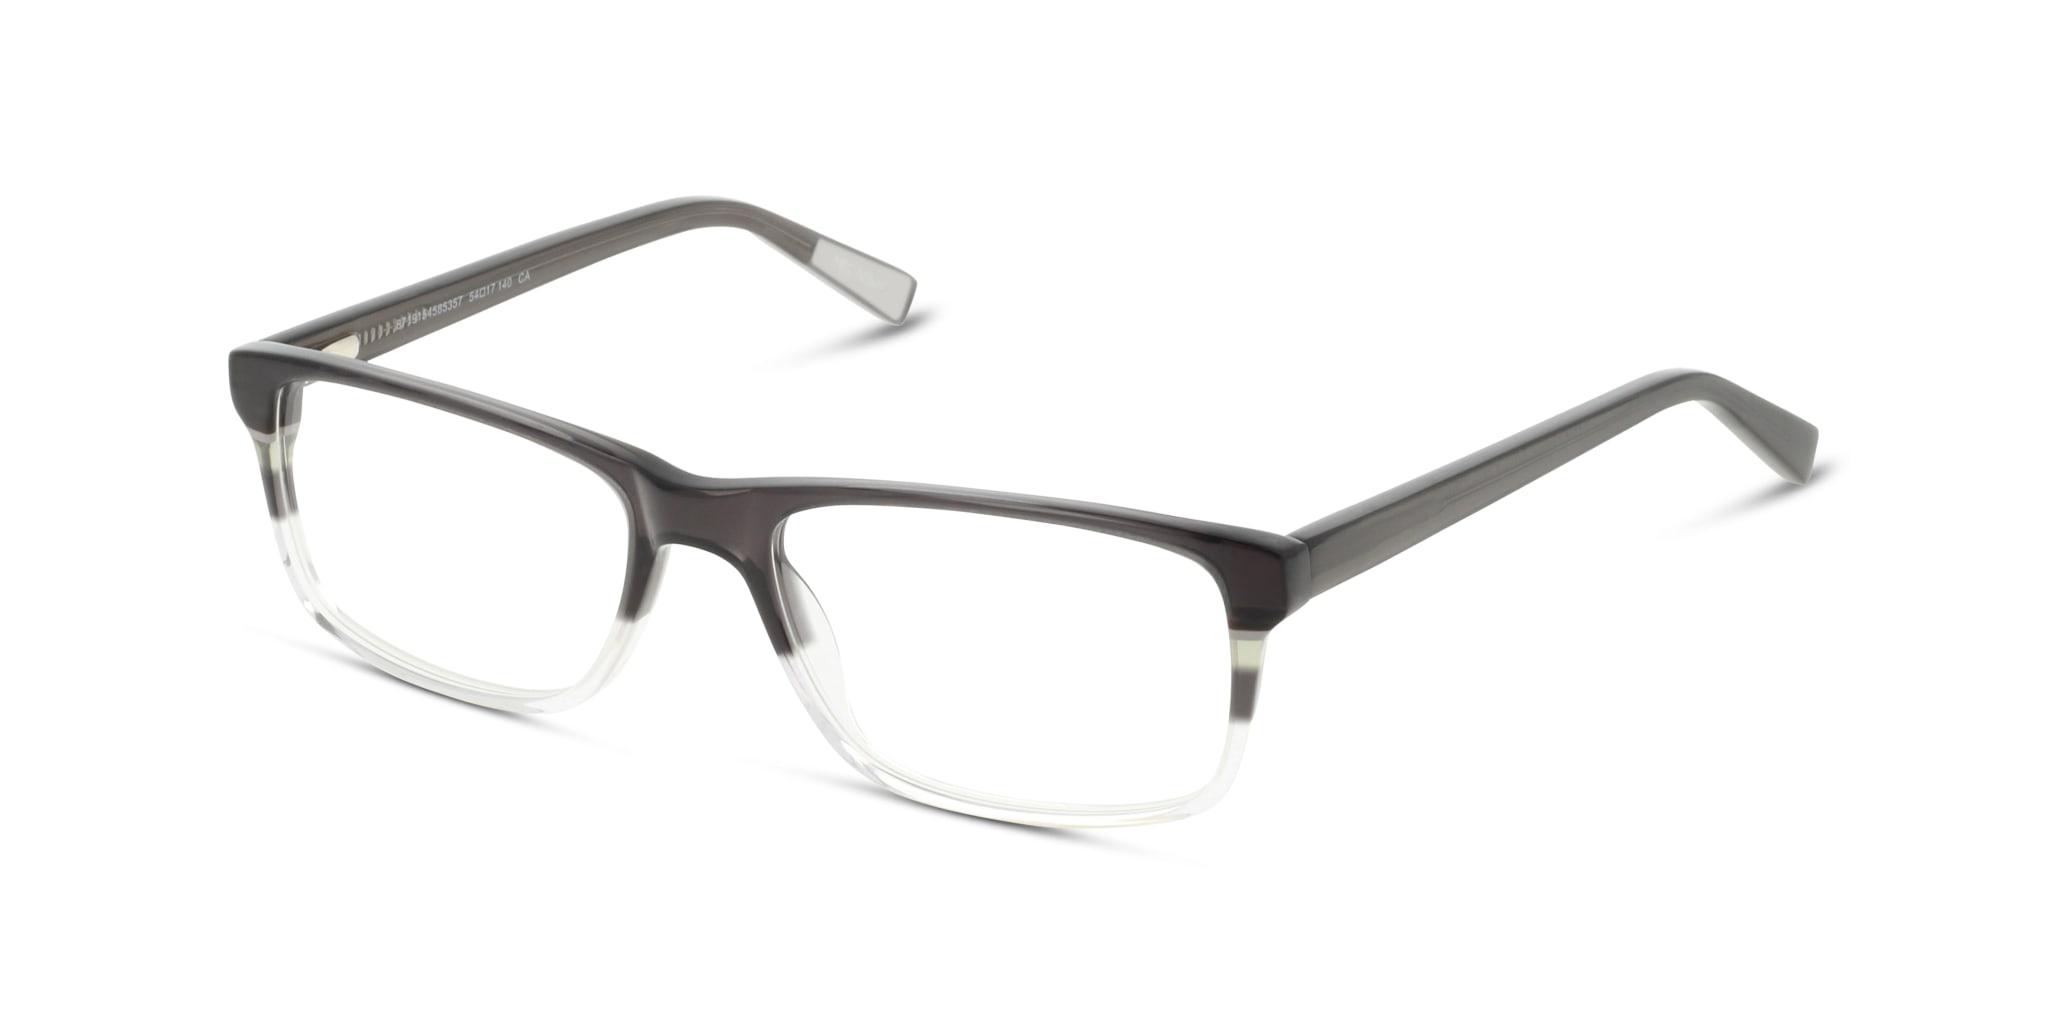 8719154585357-angle-03-miki-ninn-mnkm04-eyewear-black-grey